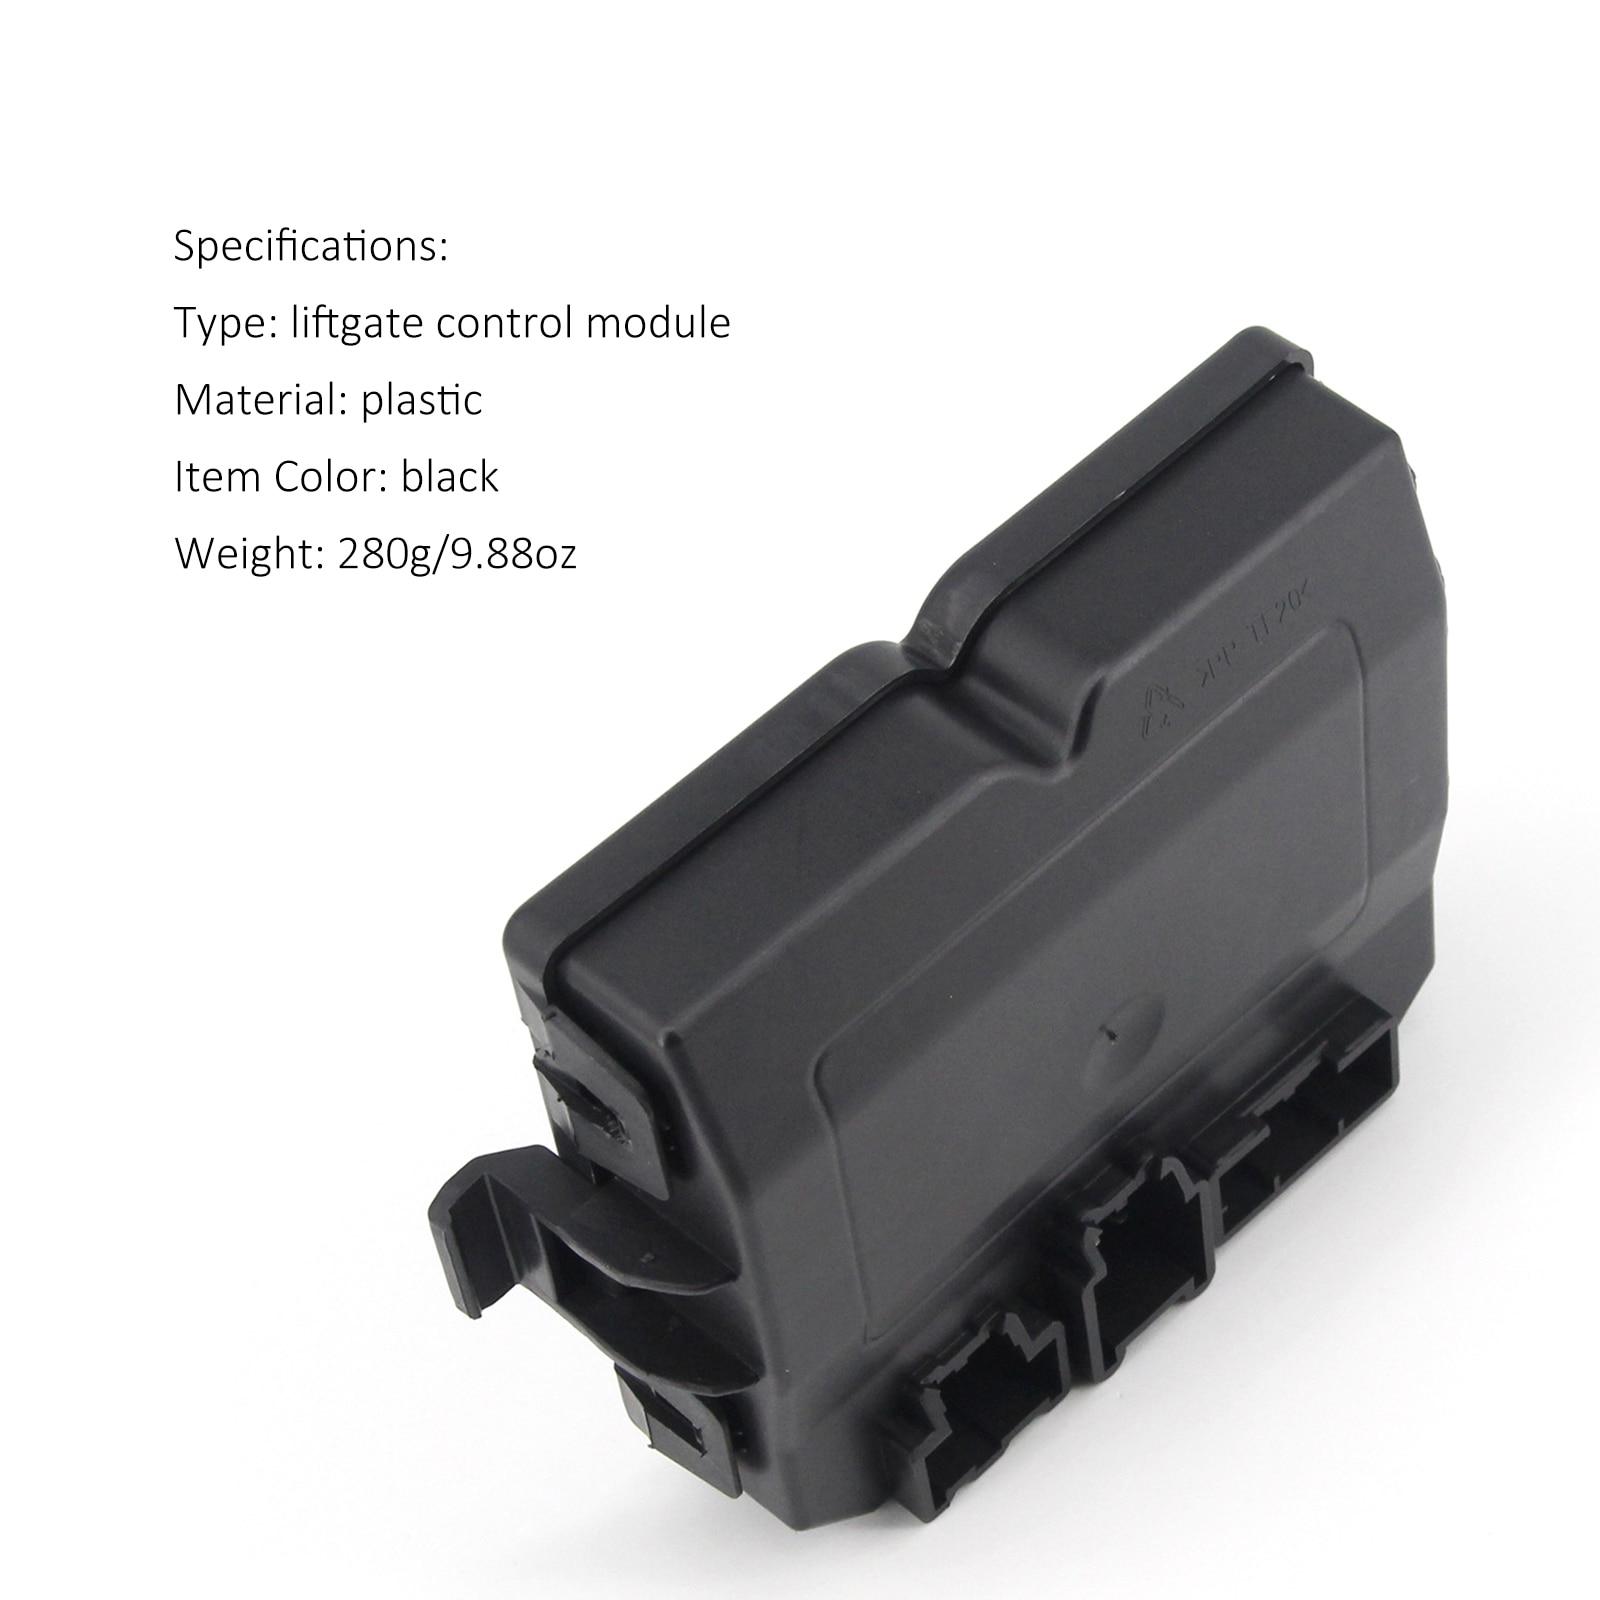 Trunk Liftgate Control Module Black Plastic Replacement Rear Lift Gate Control Module for Cadillac SRX 2010-2015 Car Automobile enlarge